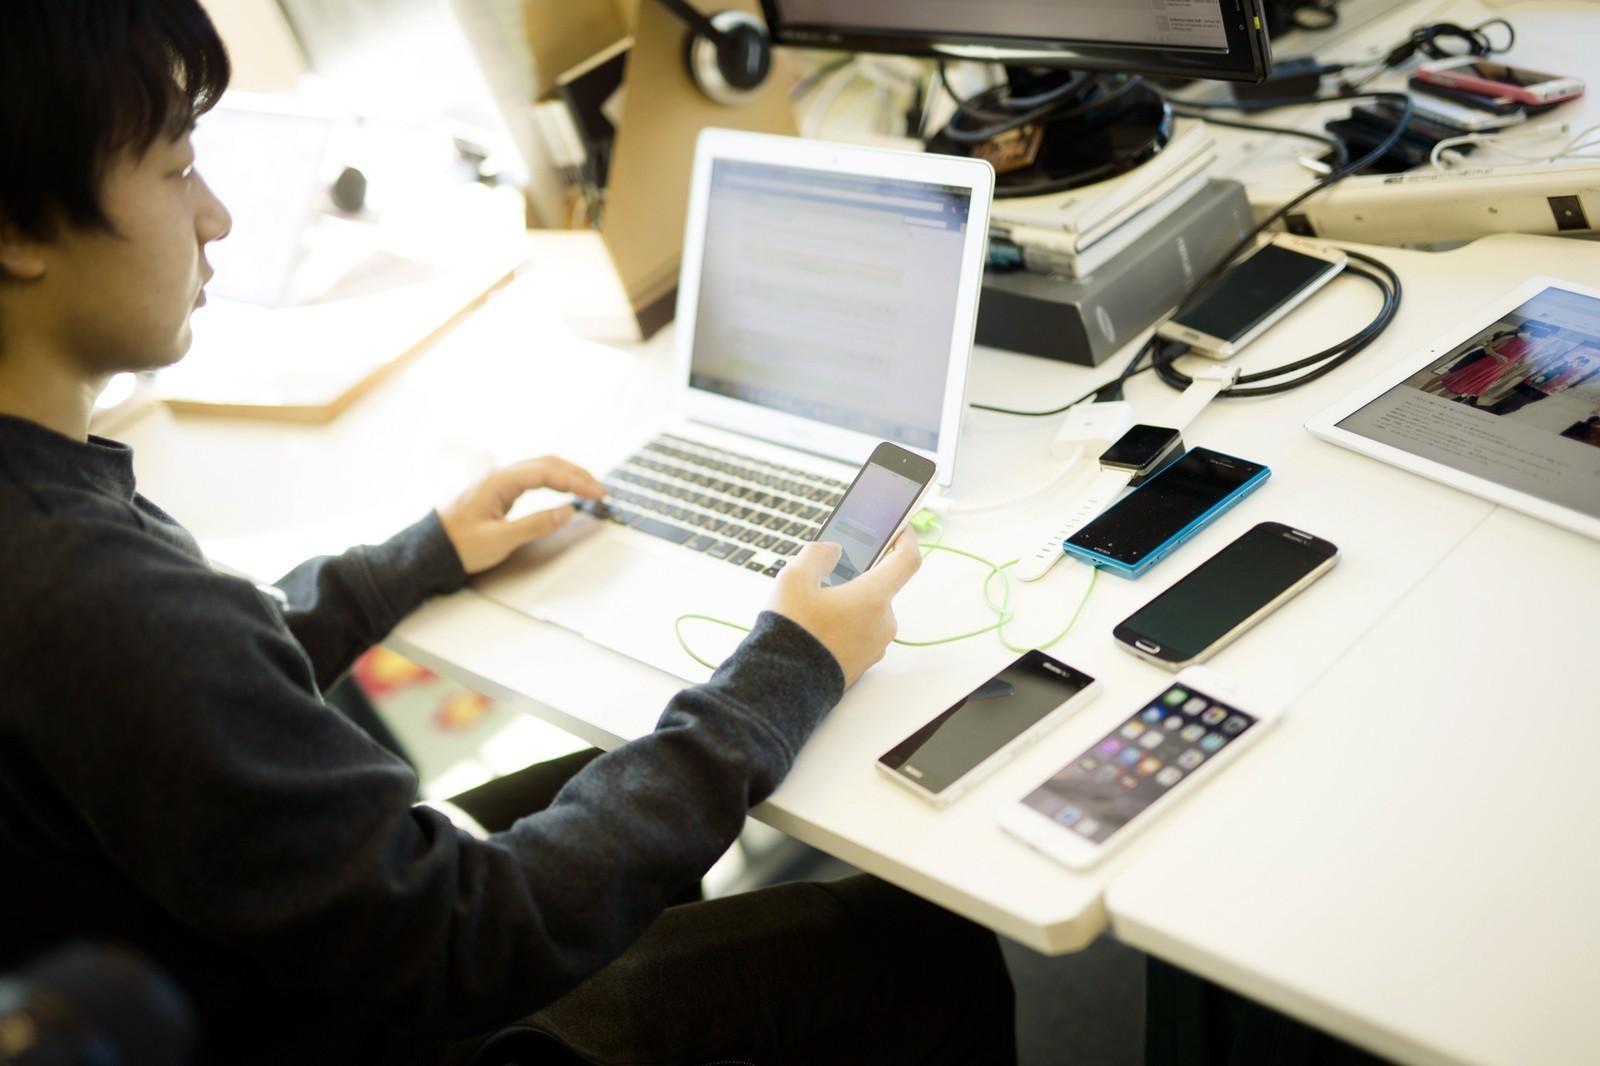 iOSからAndroidまで、受託プロジェクトをリードして頂けるシニアエンジニア募集中!